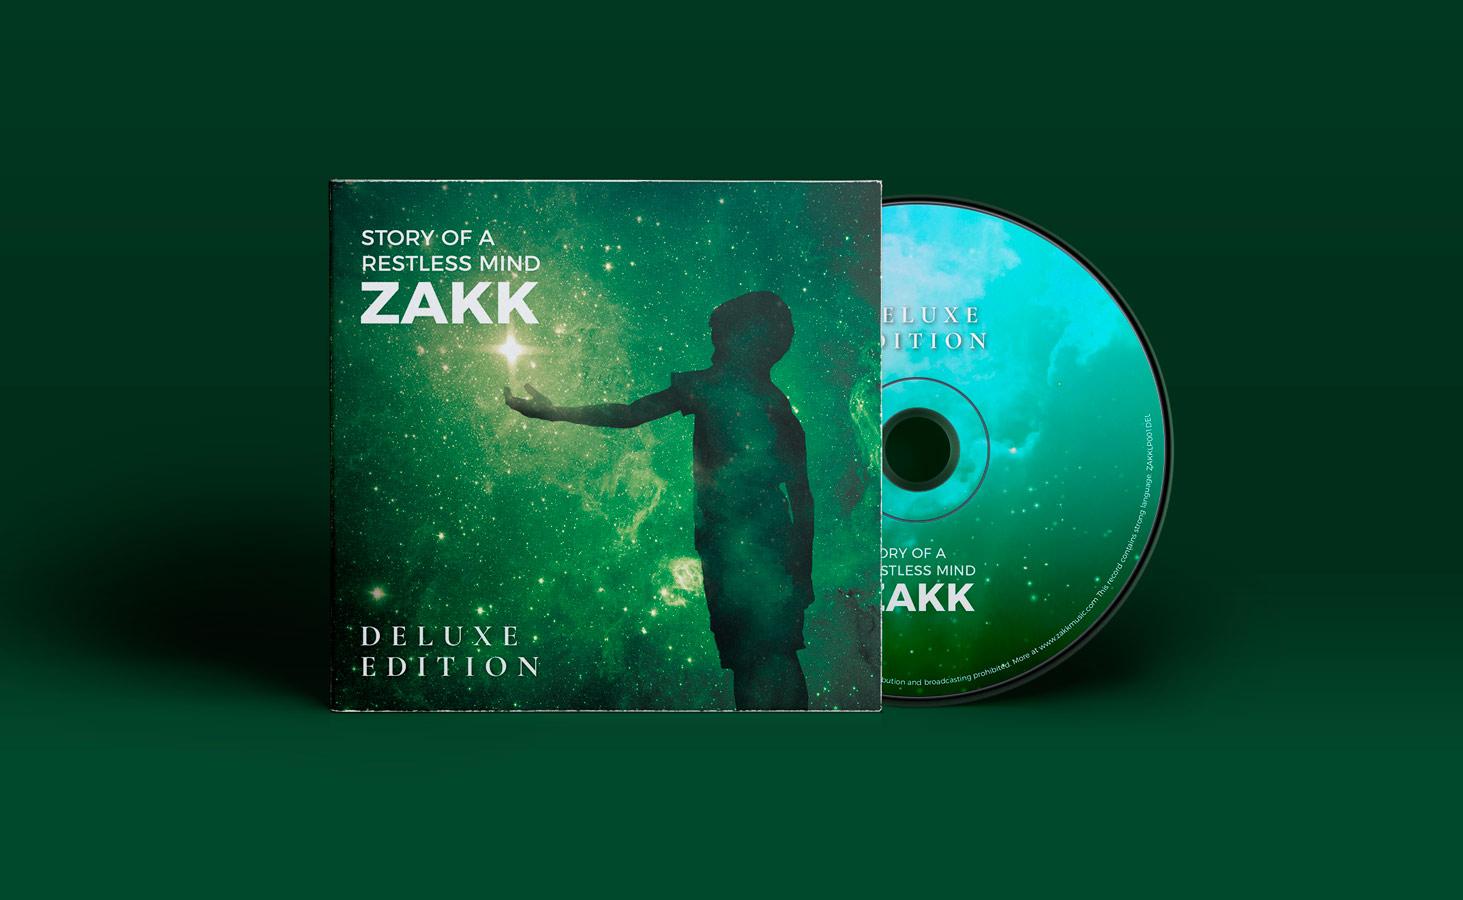 Zakk_CD_06